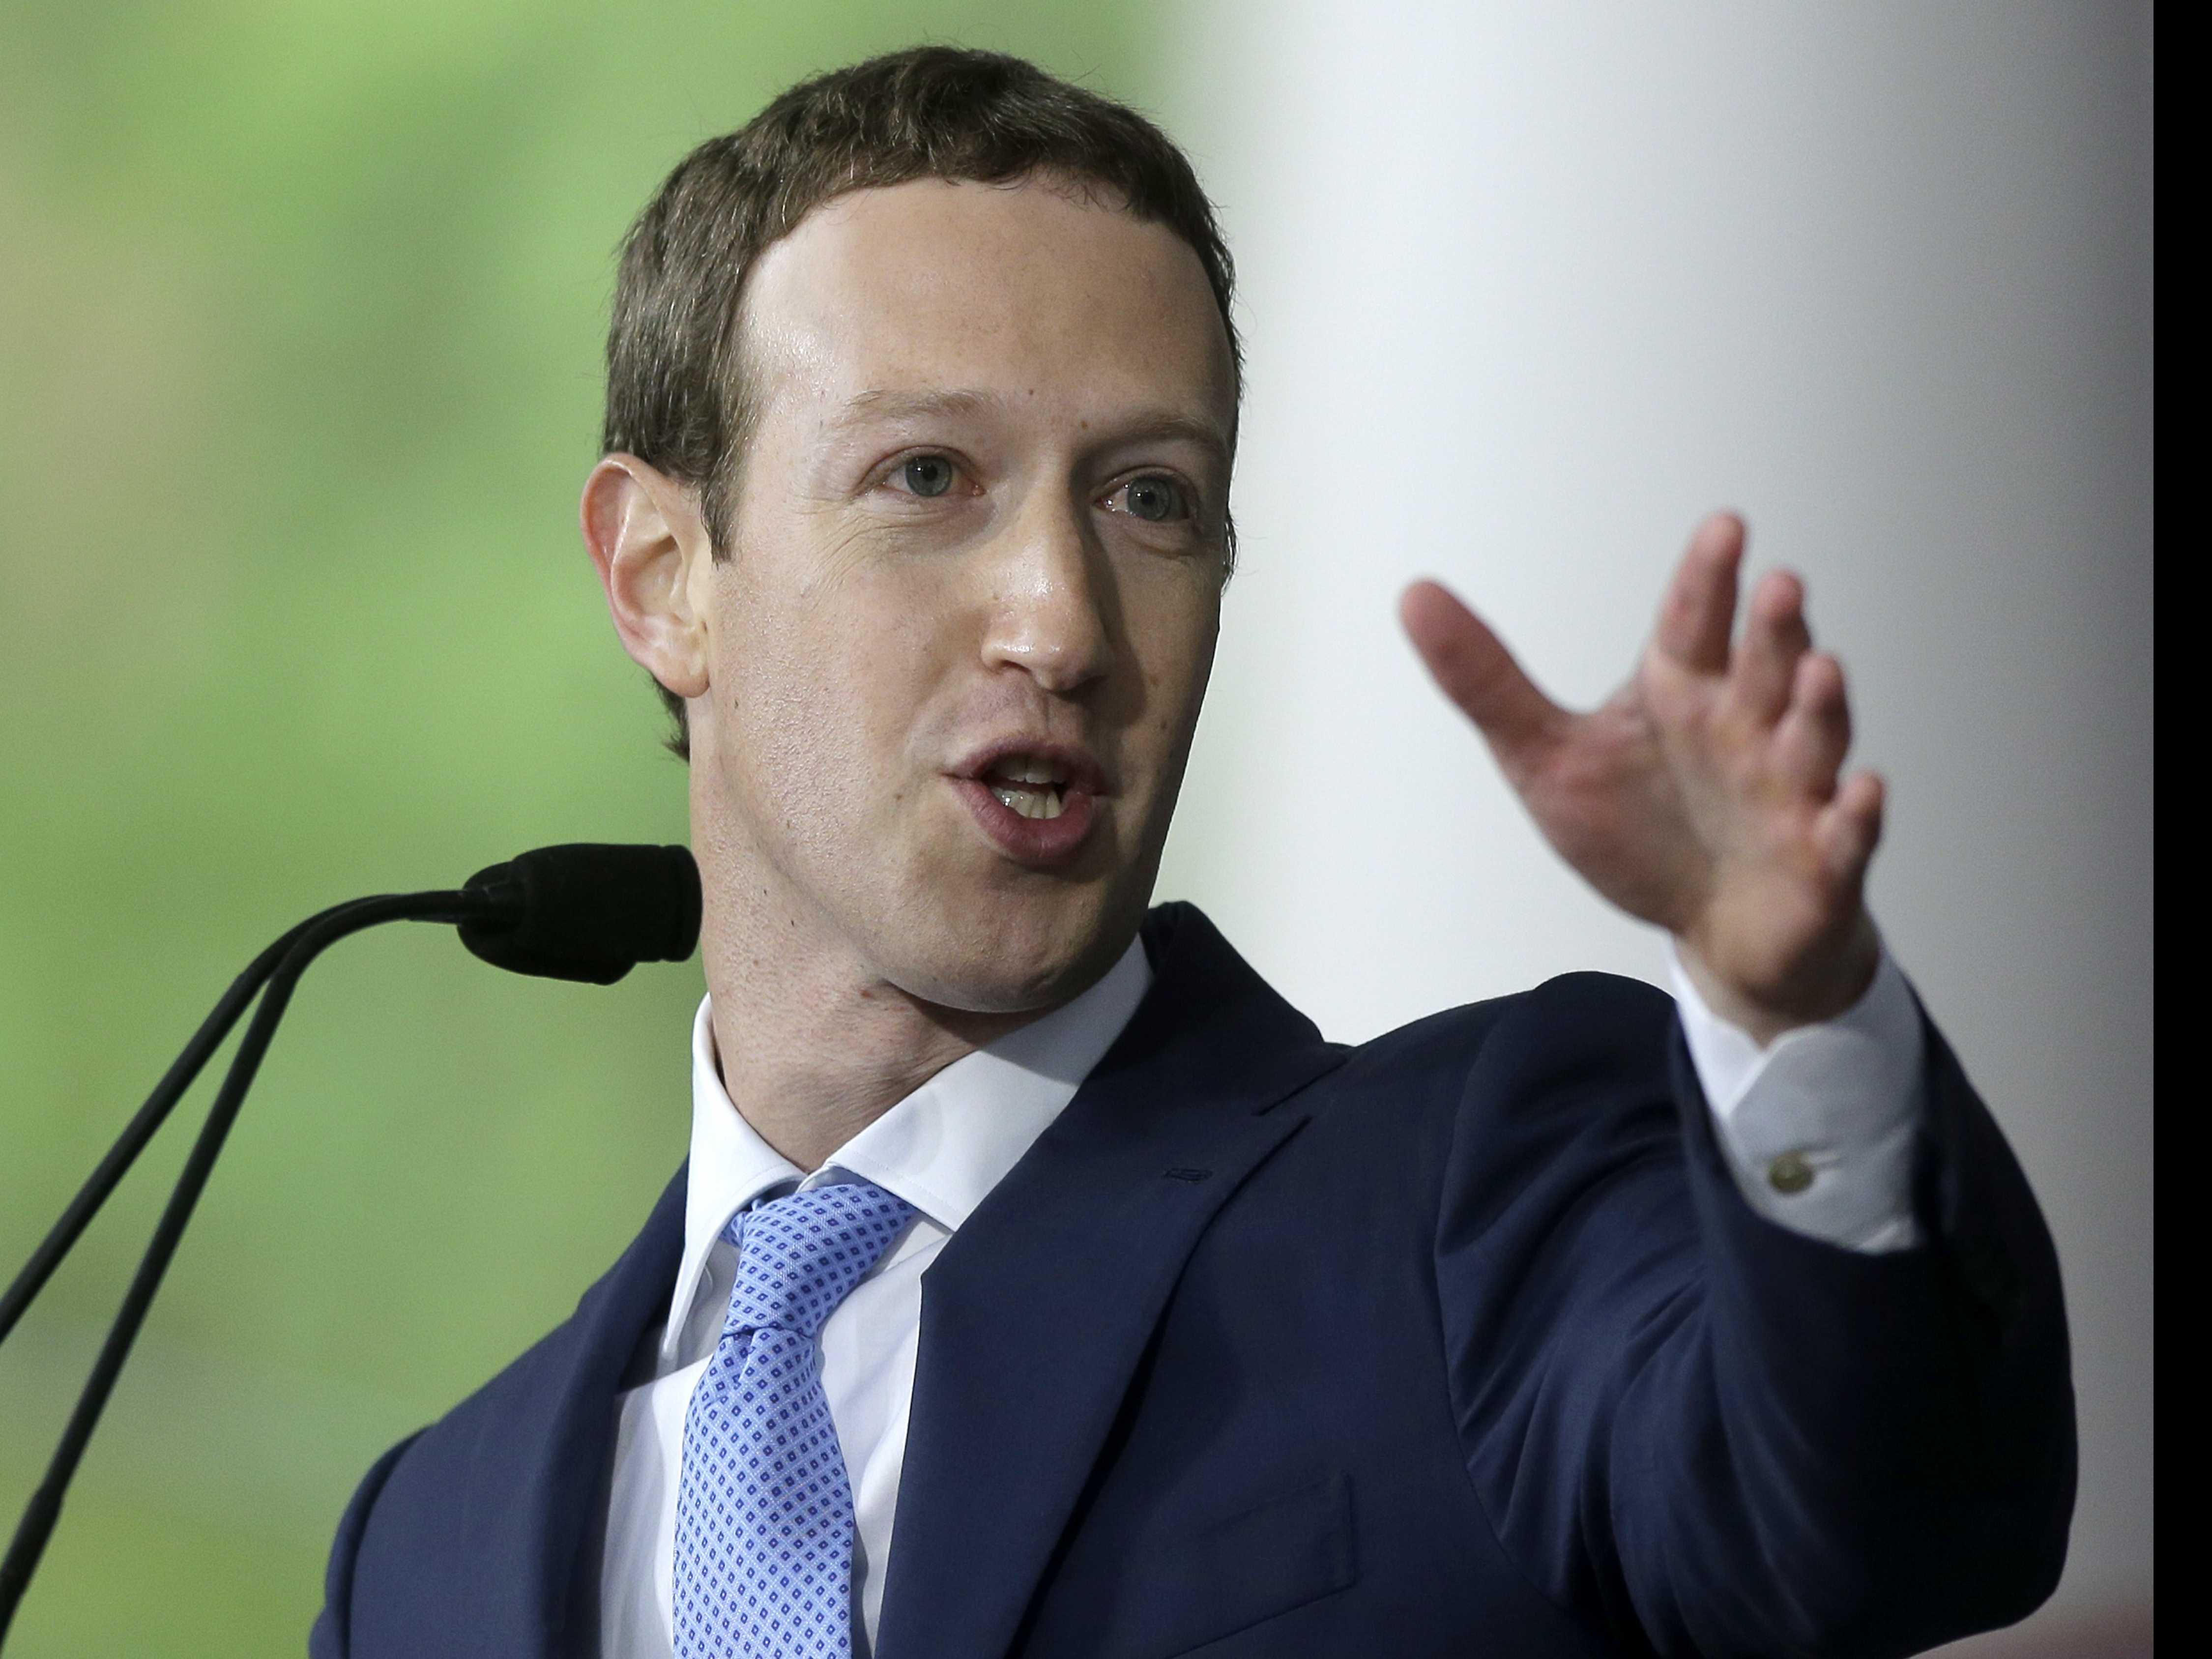 Zuckerberg's 2018 Challenge: Fix Facebook